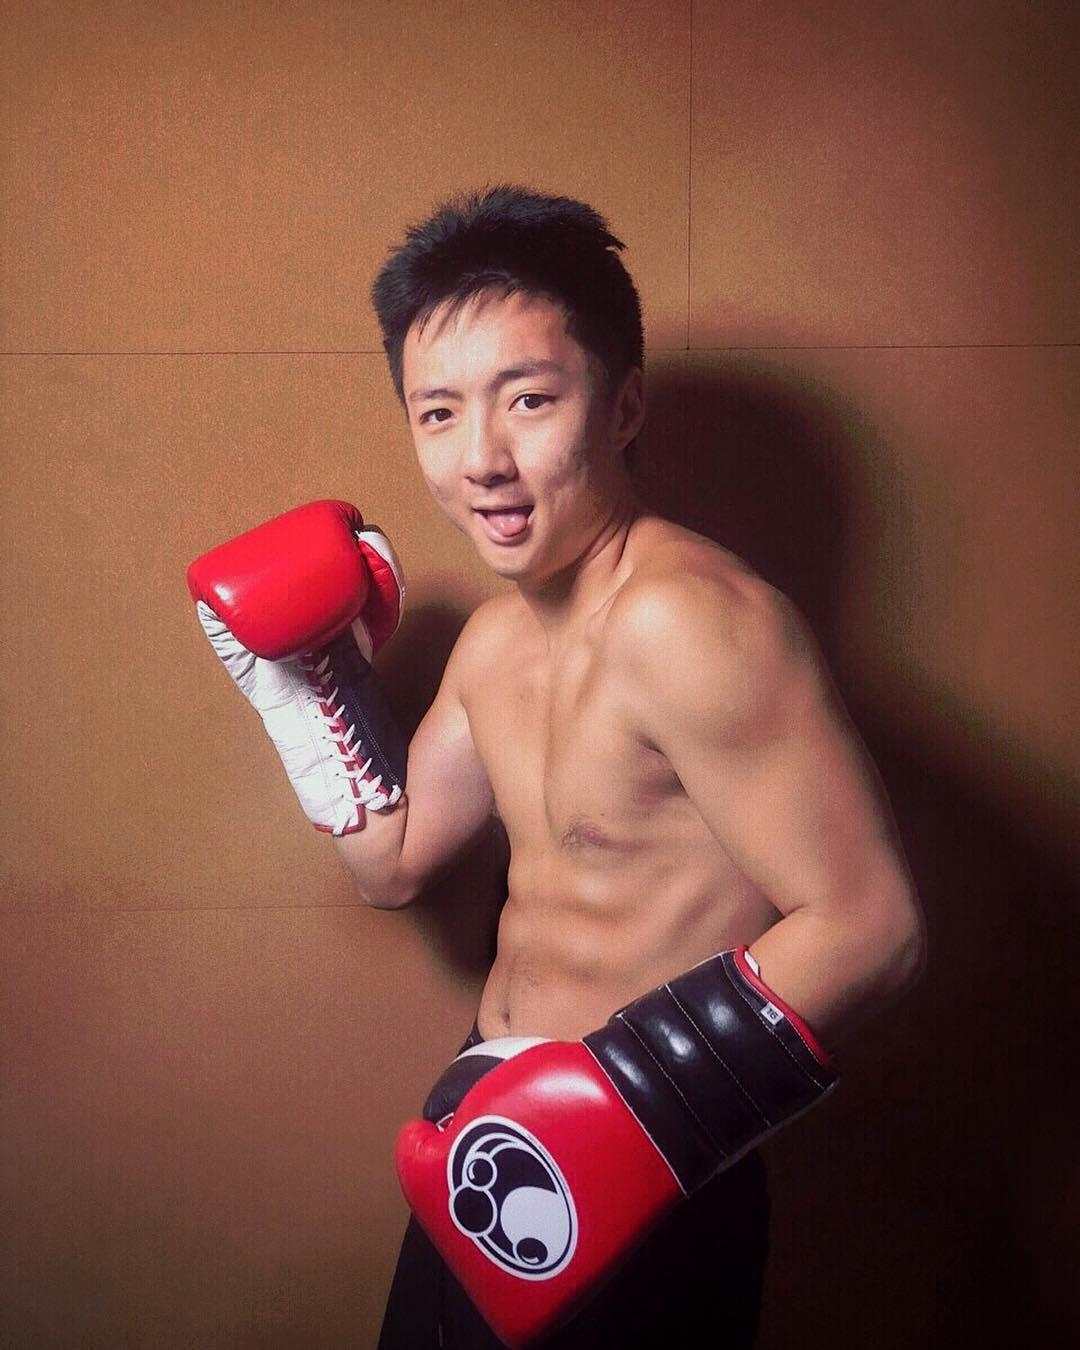 鍾培生2018年開始參加拳賽